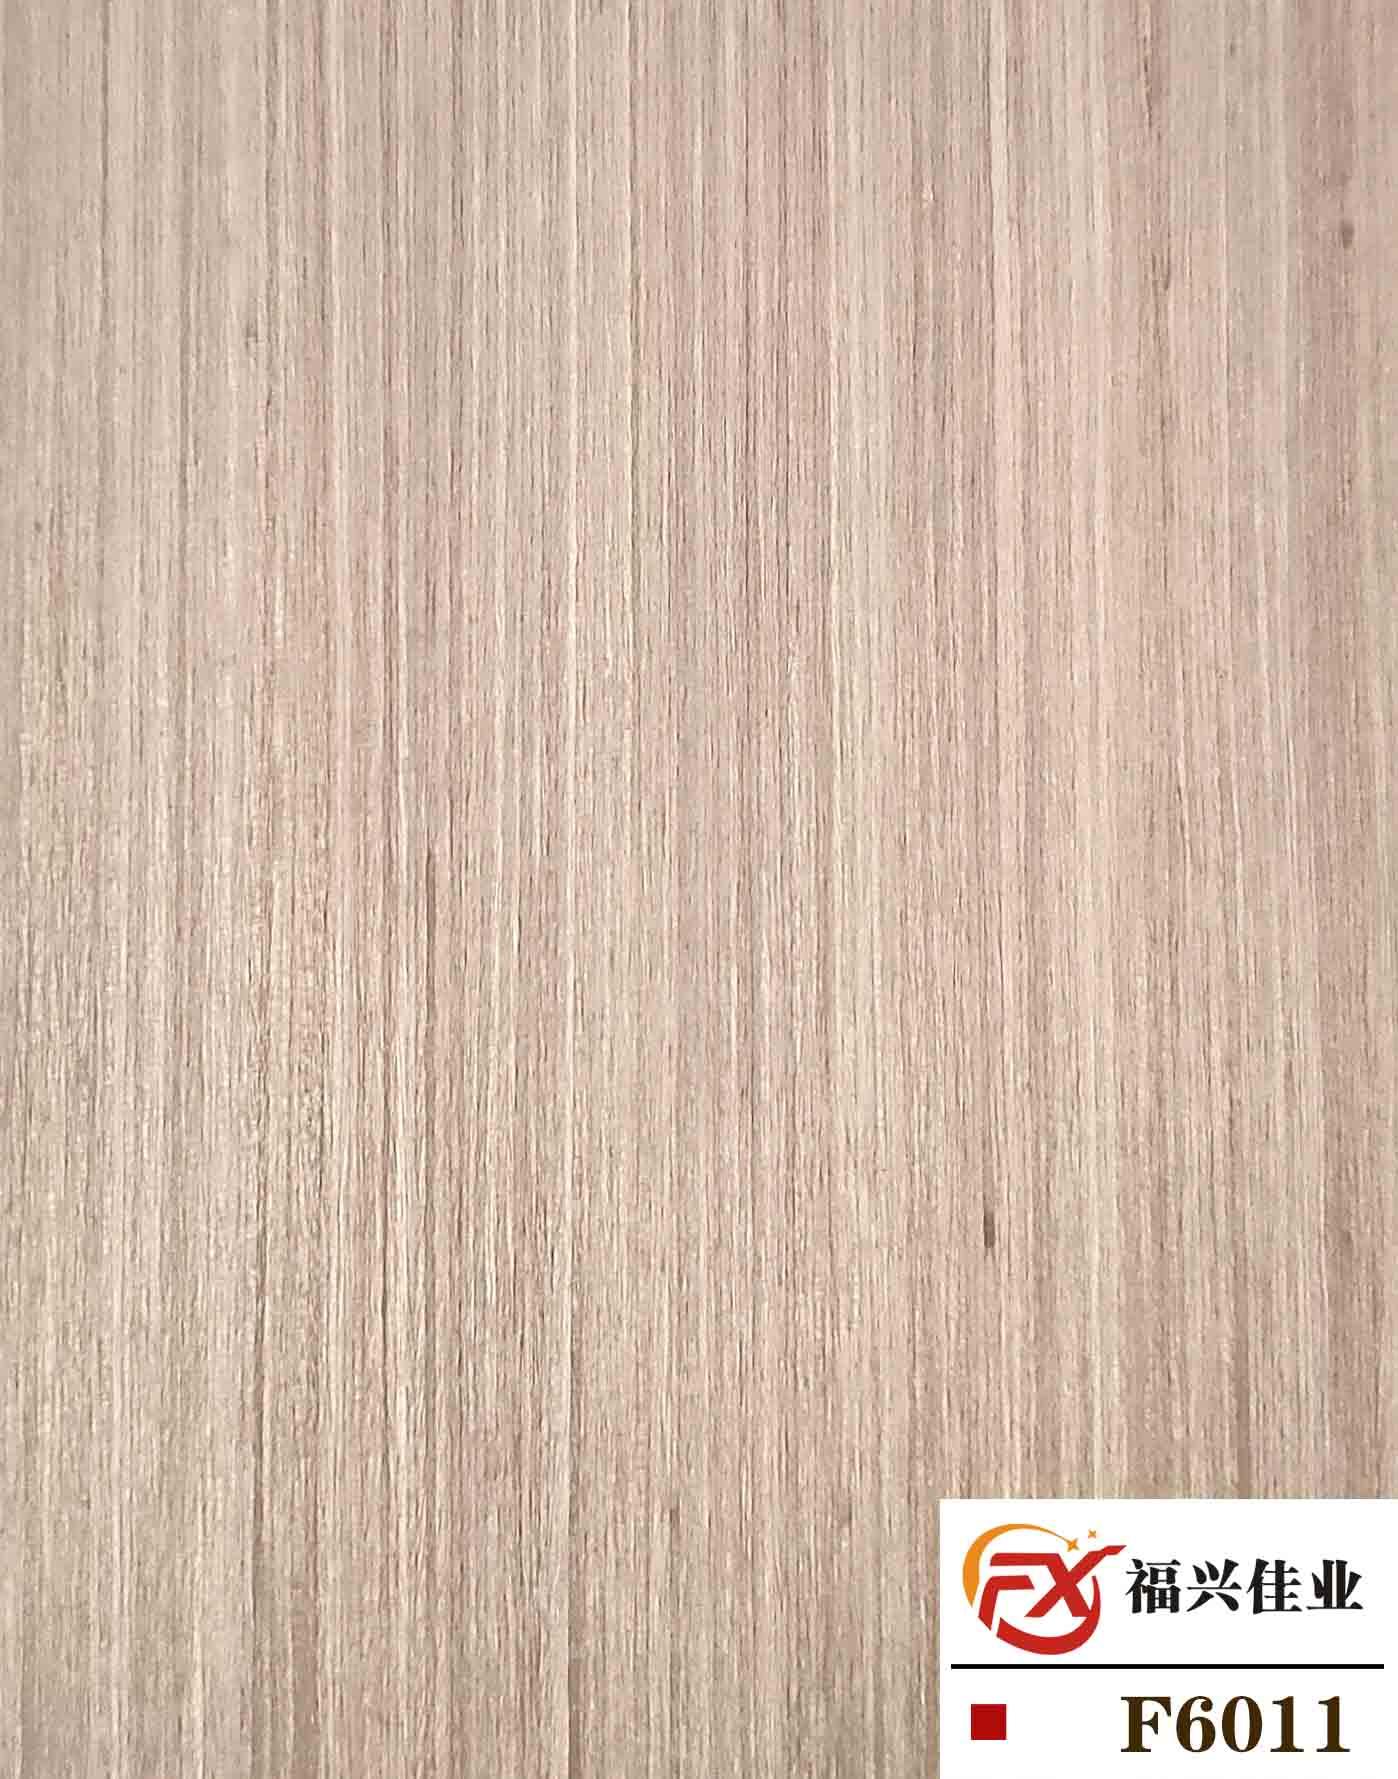 木饰面板定制